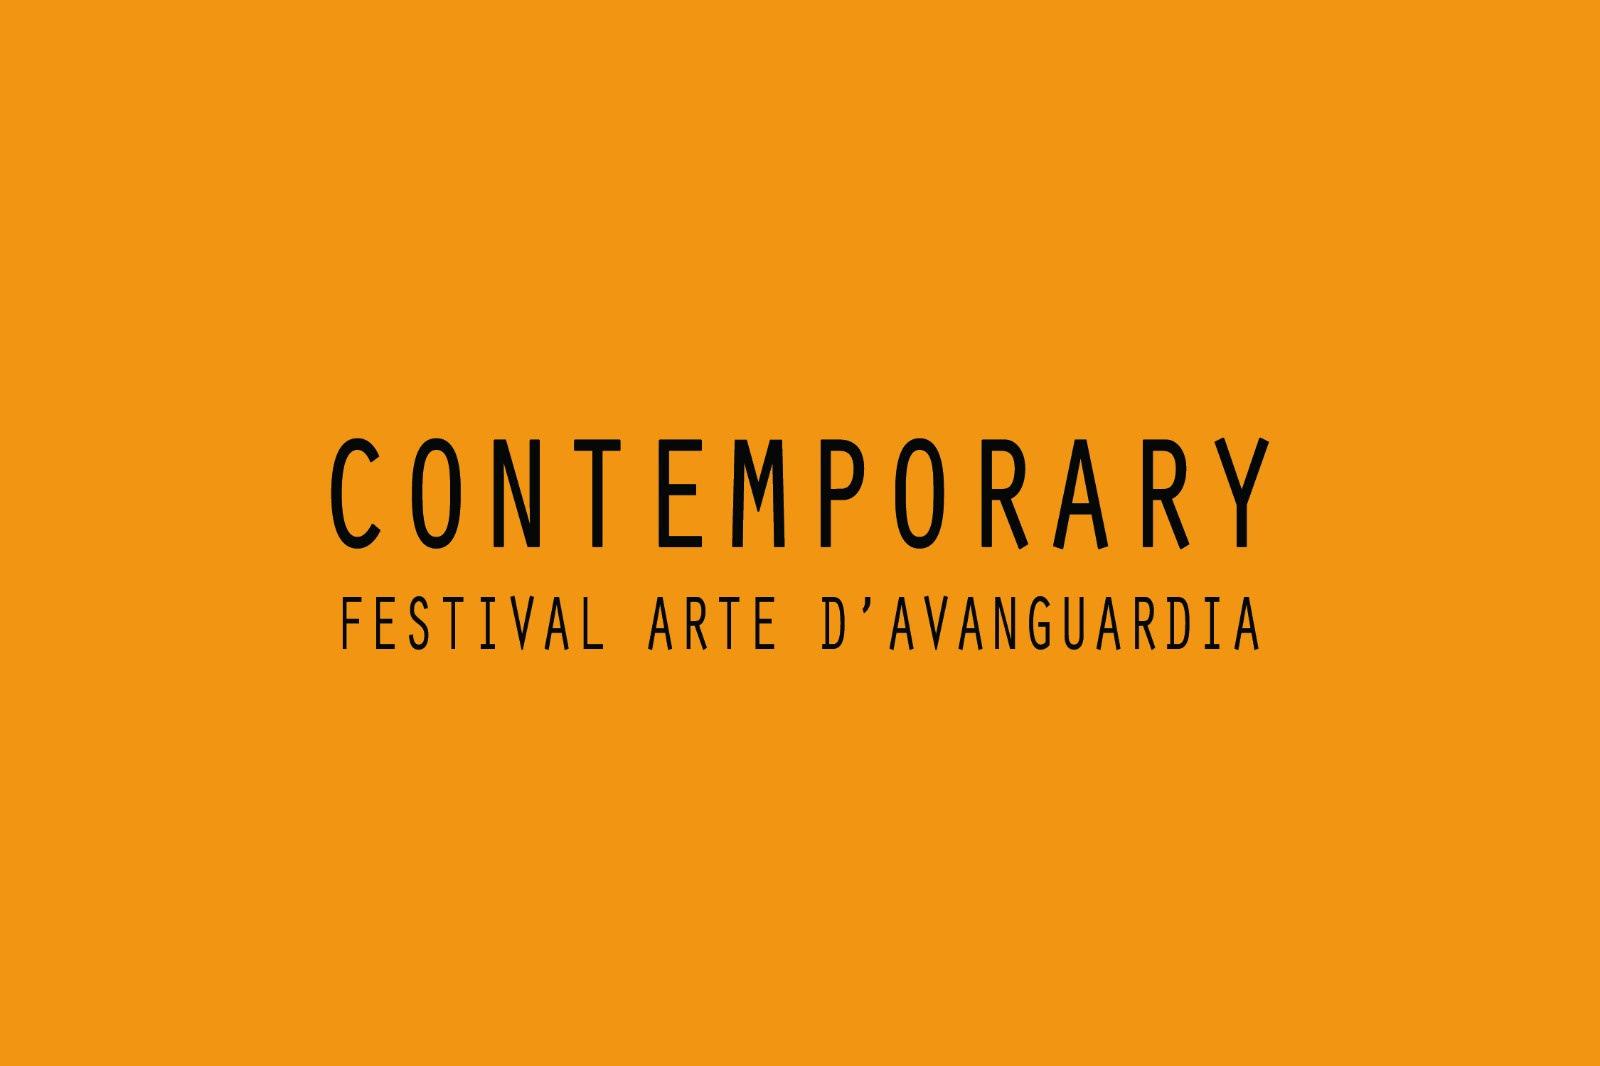 Contemporary Festival